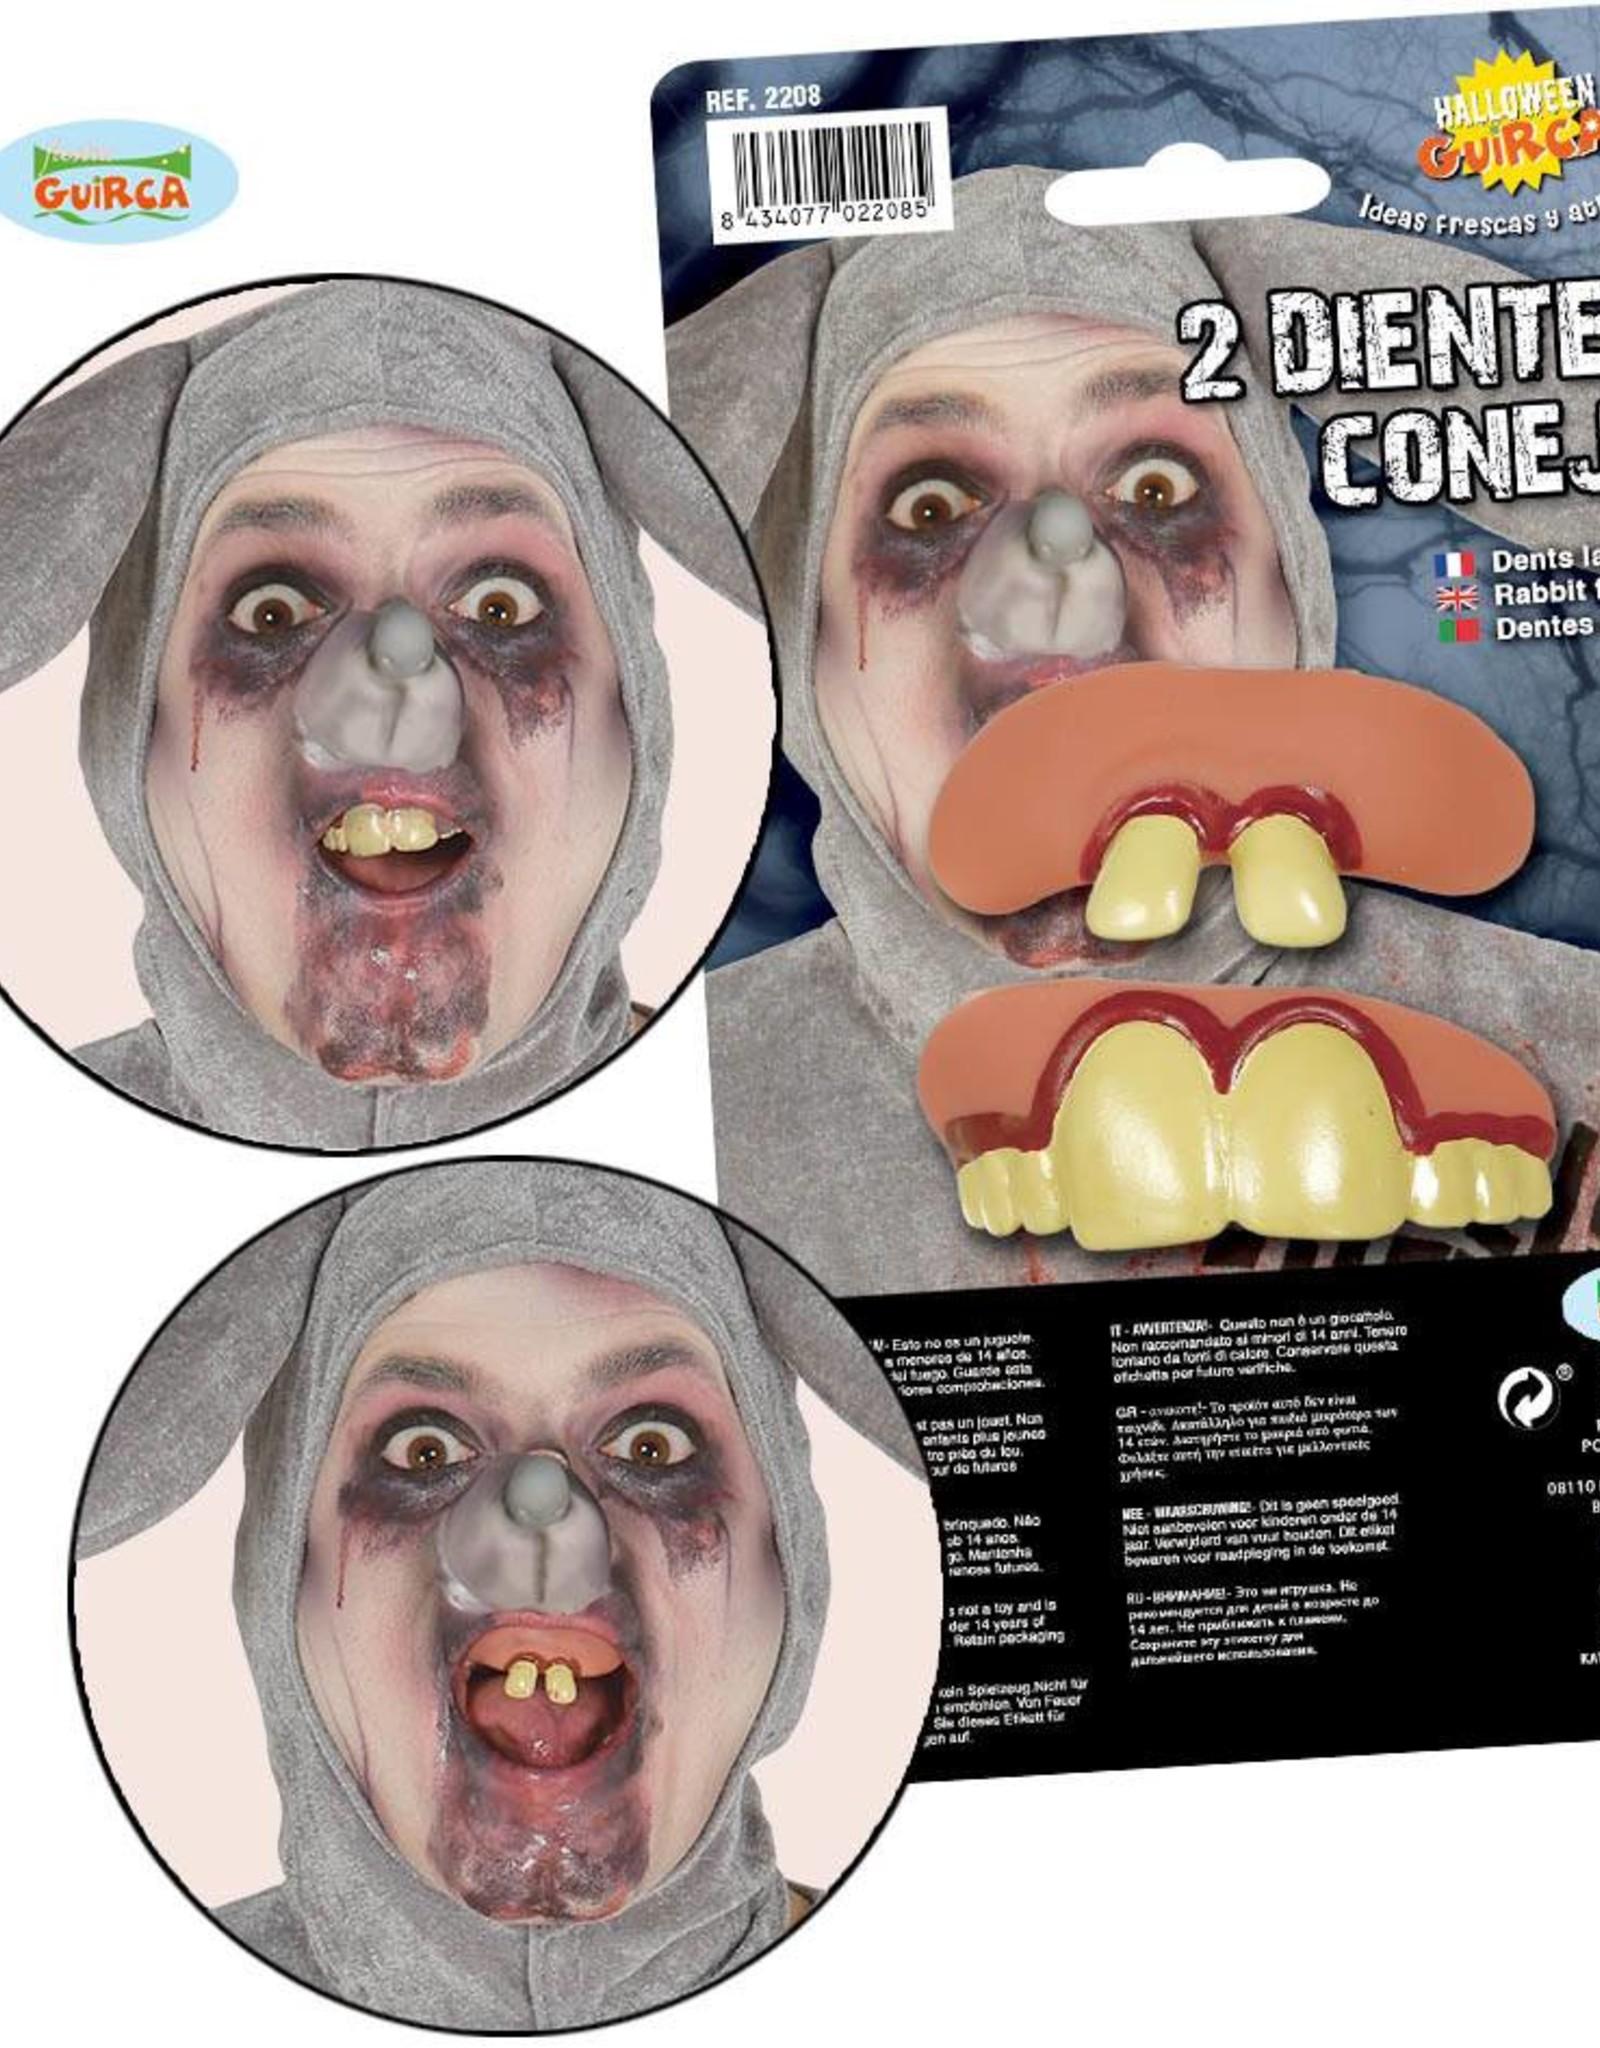 FIESTAS GUIRCA 2 tanden